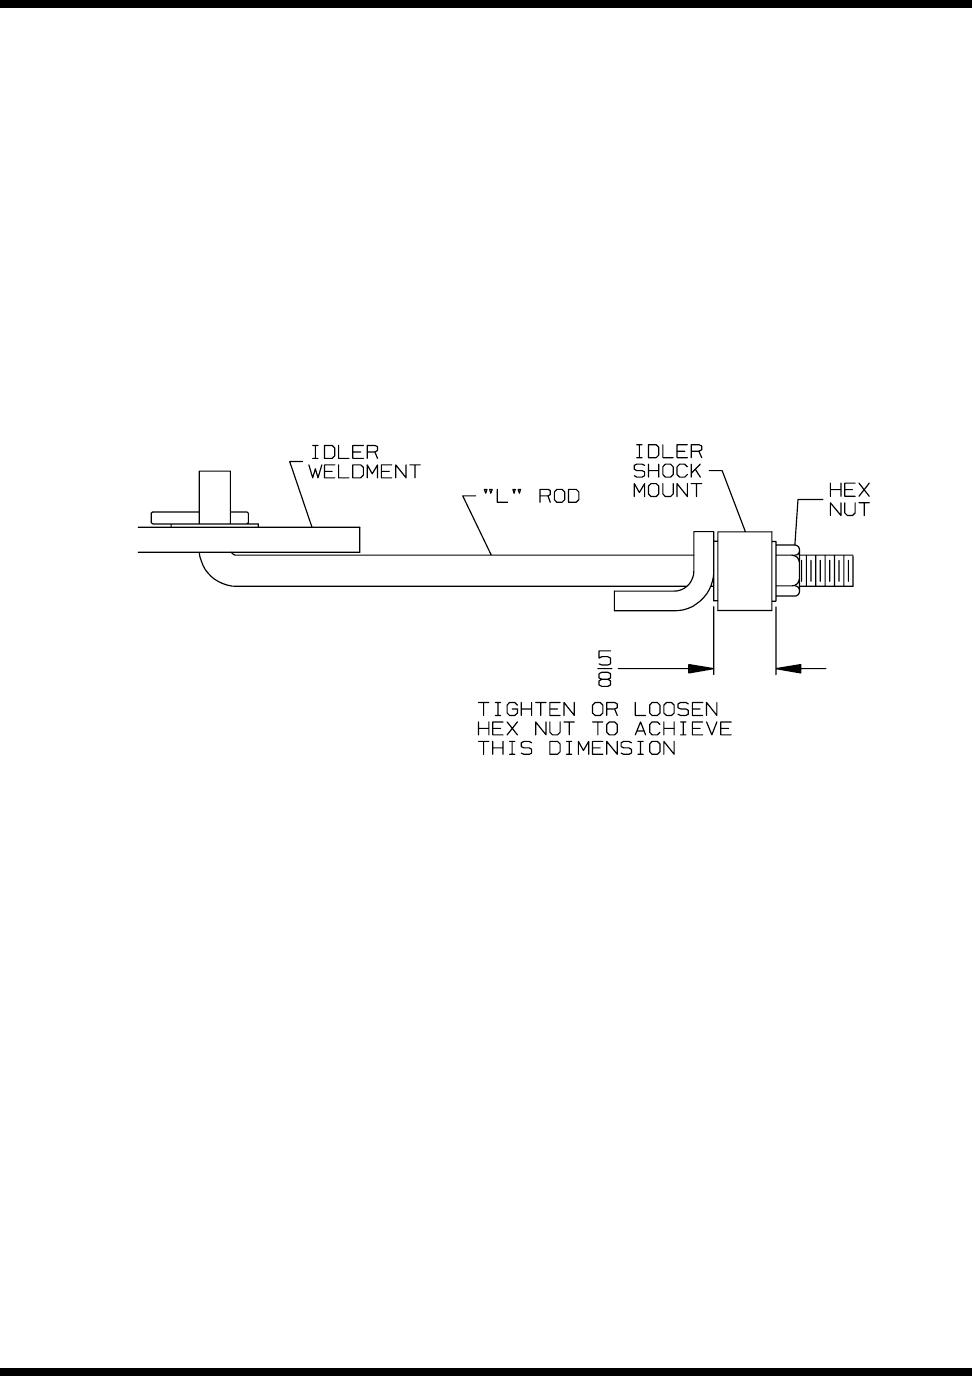 Dixon ZTR 2301 BELT TENSION DECK REMOVALMANUAL CLUTCHMODELS – Dixon Ztr 2301 Ignition Wiring Diagram